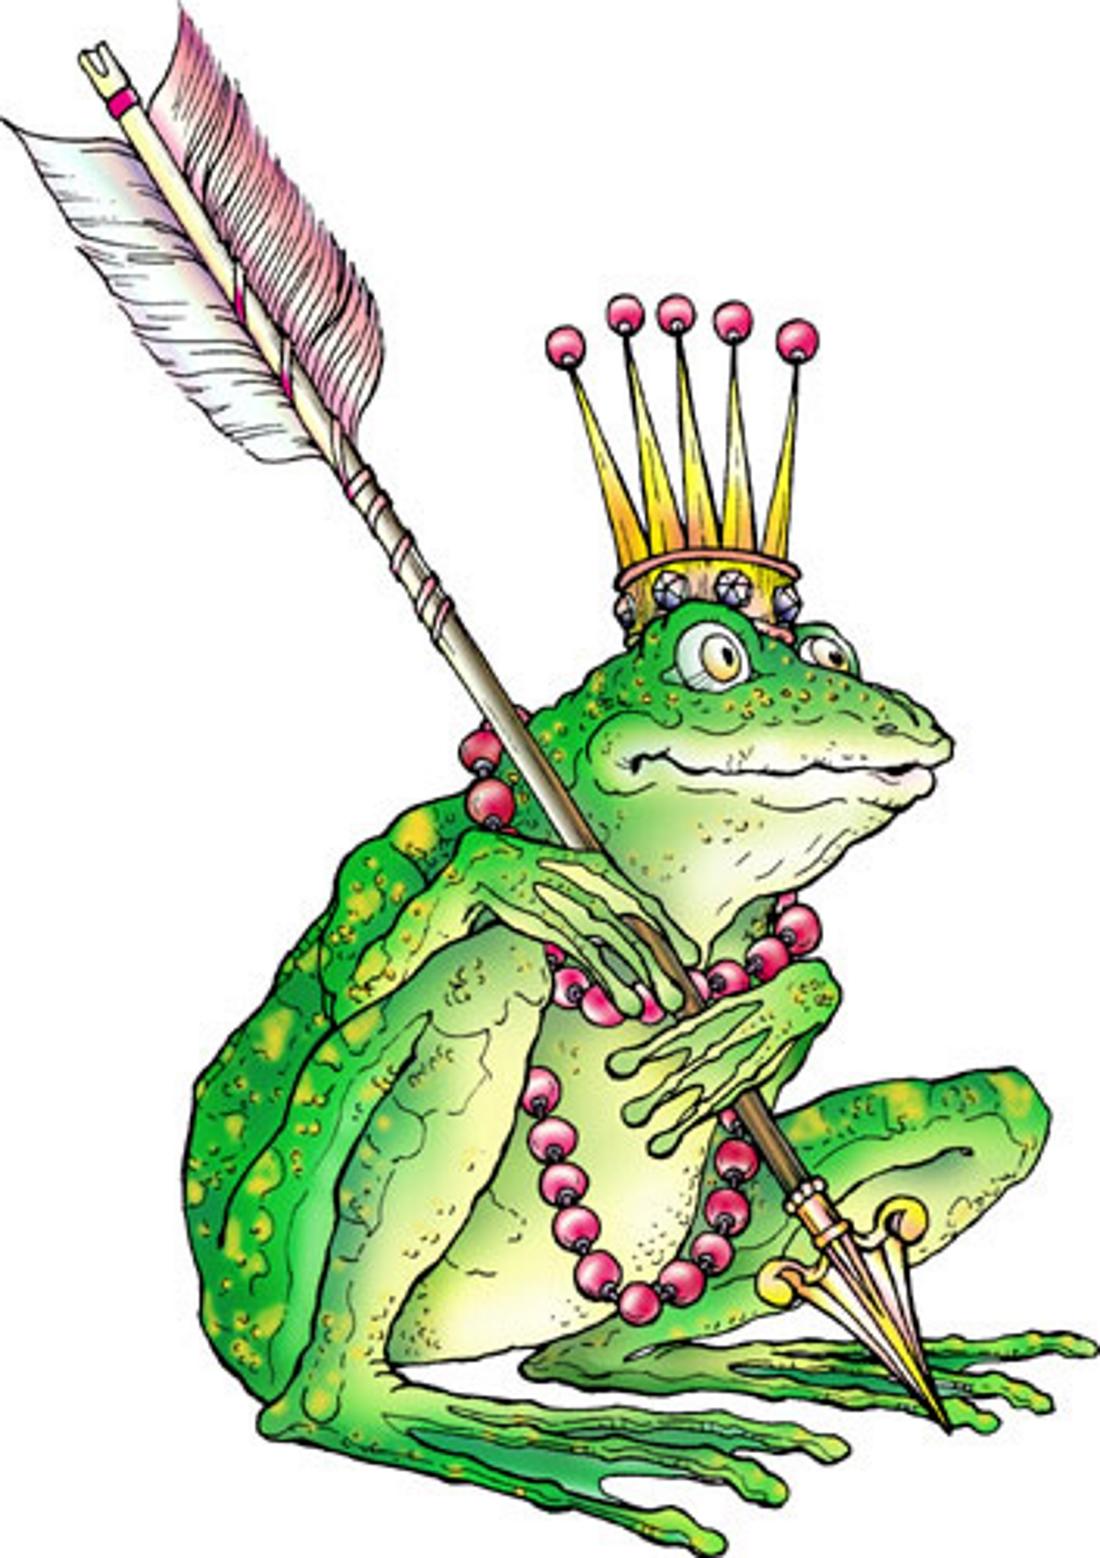 обзор чем отличается мультфильм от сказки царевна лягушка здесь